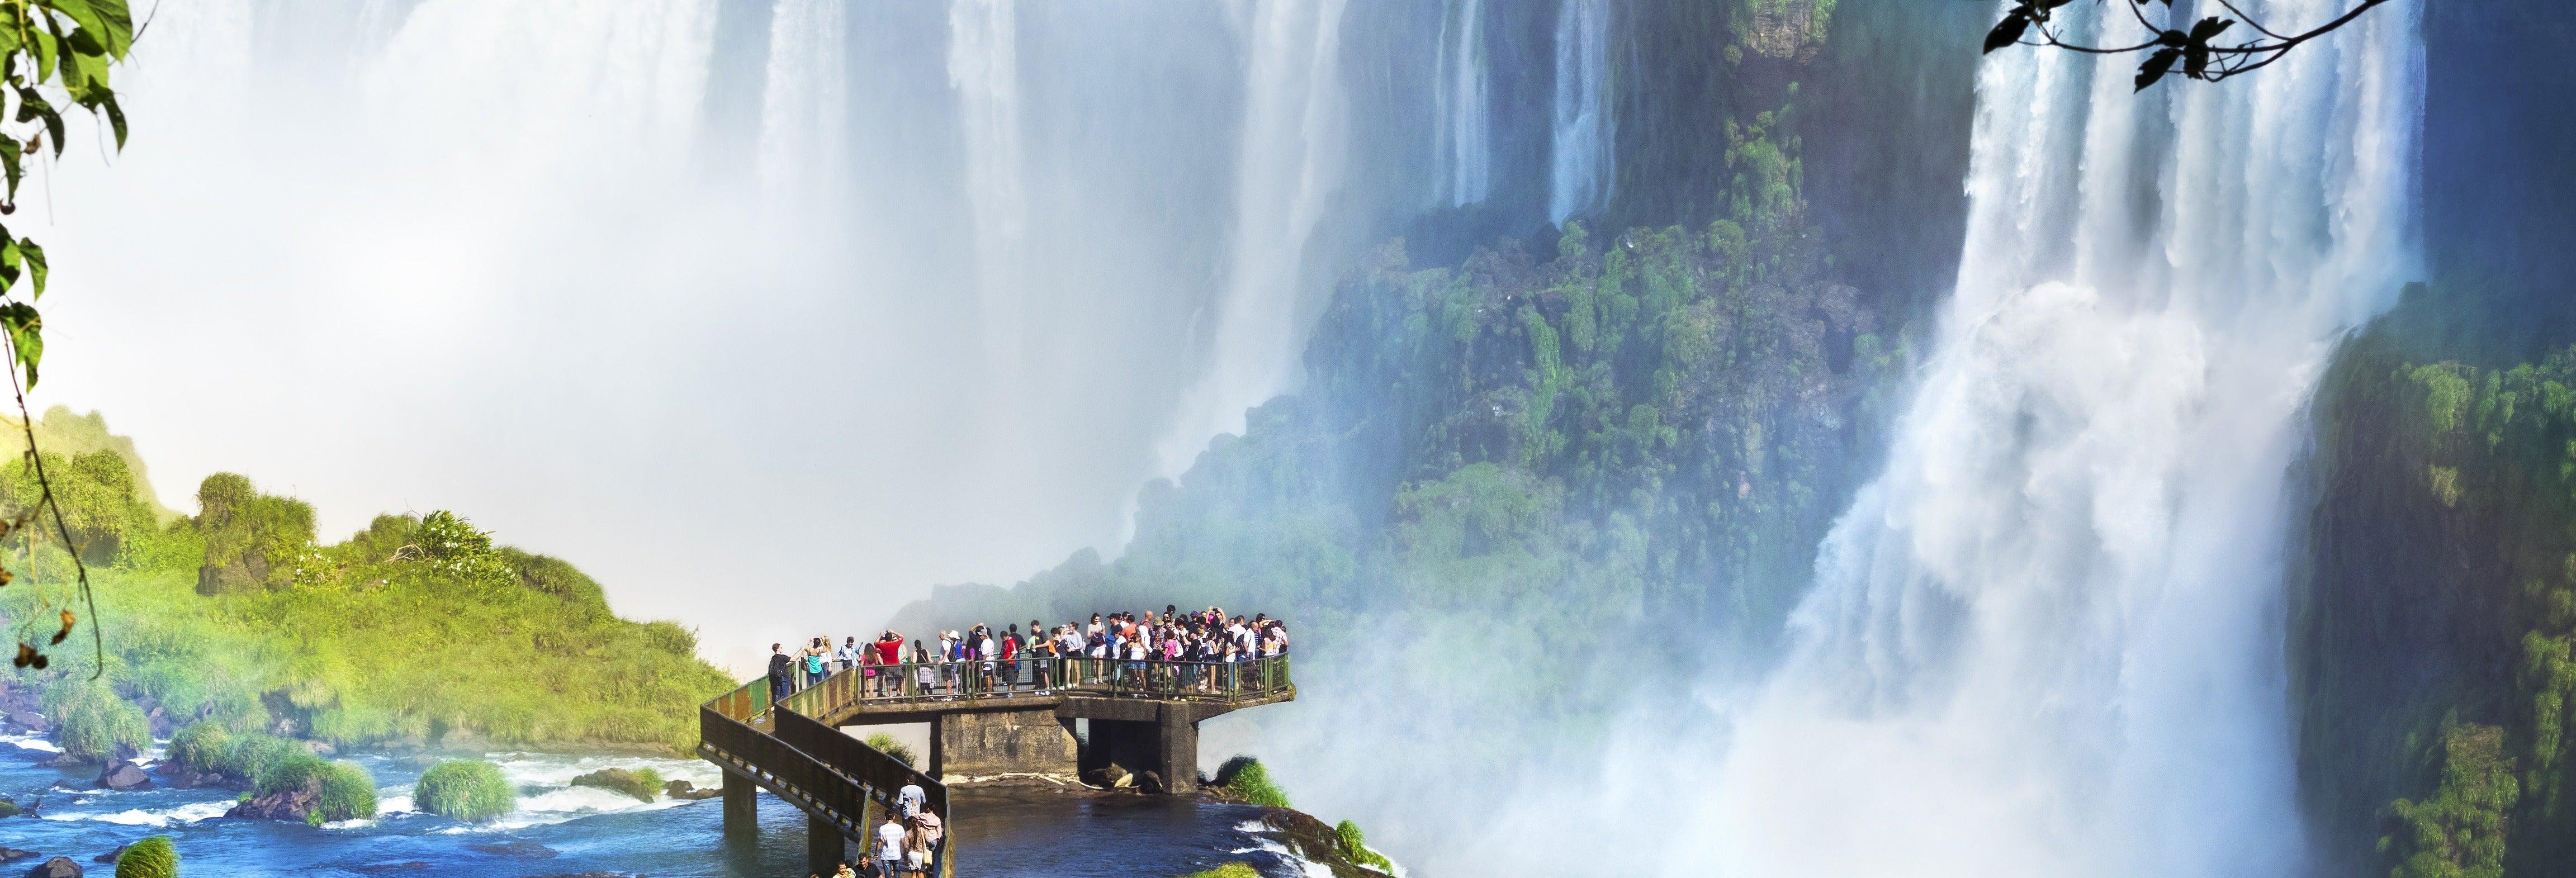 Tour de 6 días por Puerto Iguazú y Salta